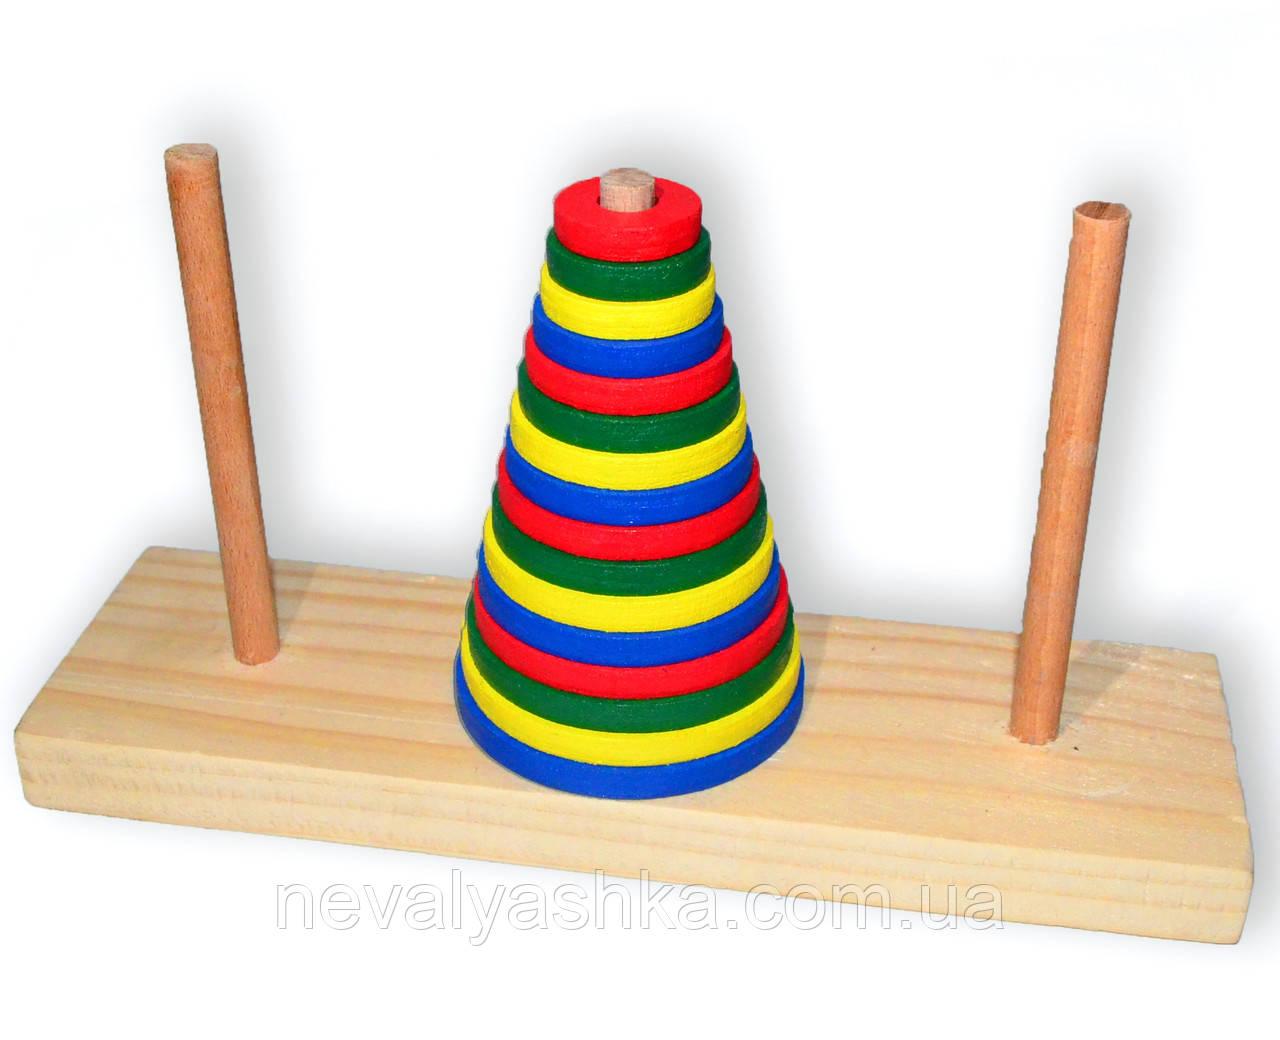 Деревянная игрушка Пирамидка 16 колец Ханойская Башня Неваляшка, M00755, 009878, фото 1